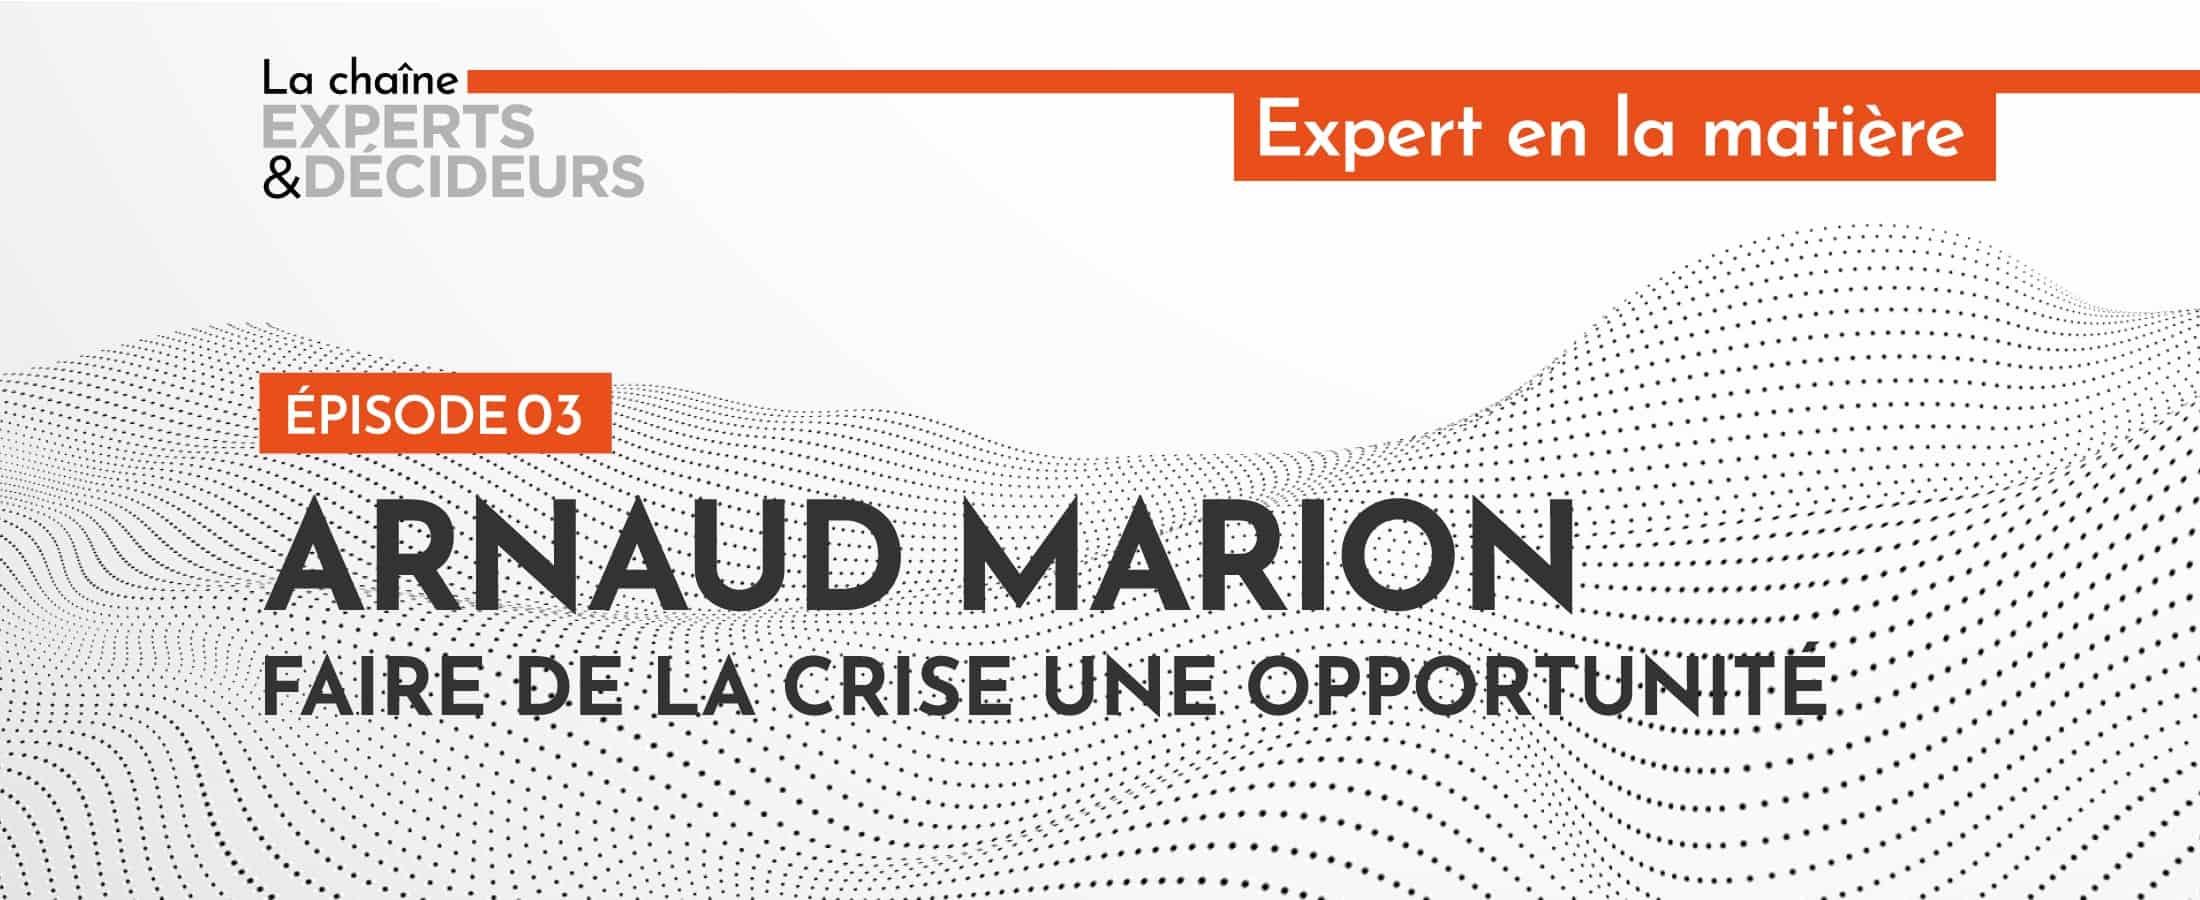 [Podcast] Arnaud Marion : faire de la crise une opportunité